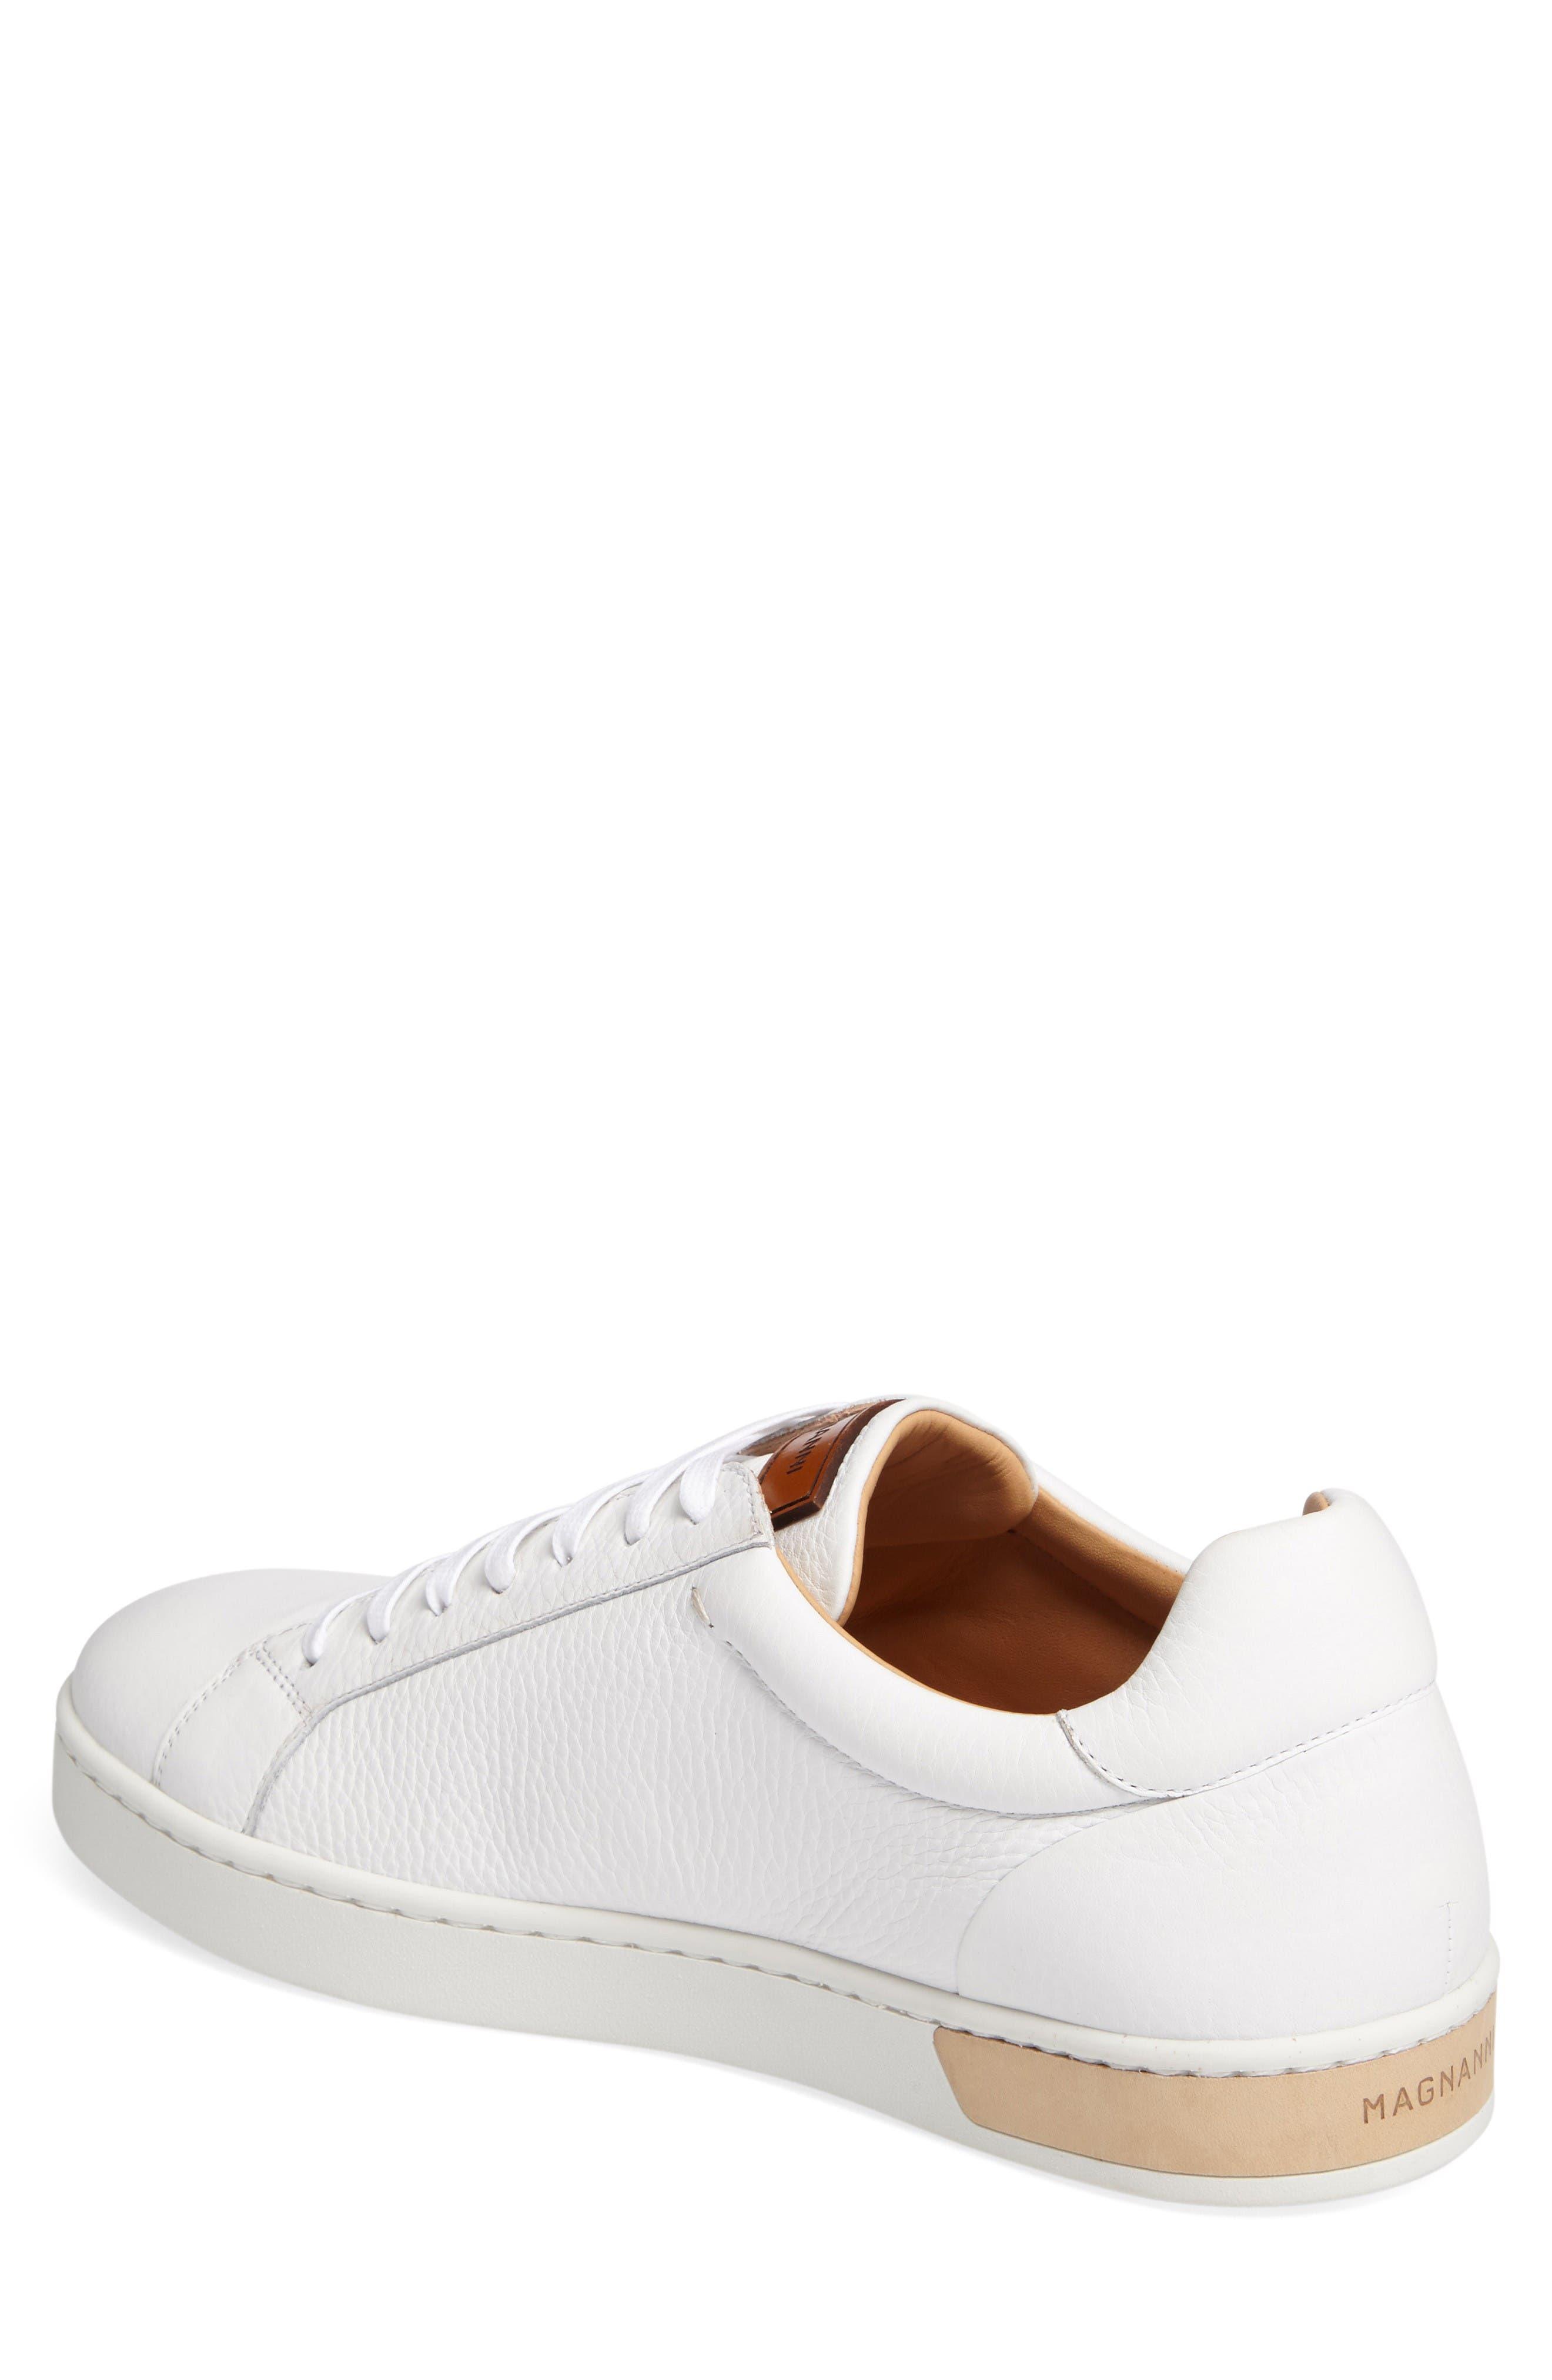 Caballero Sneaker,                             Alternate thumbnail 2, color,                             White Leather